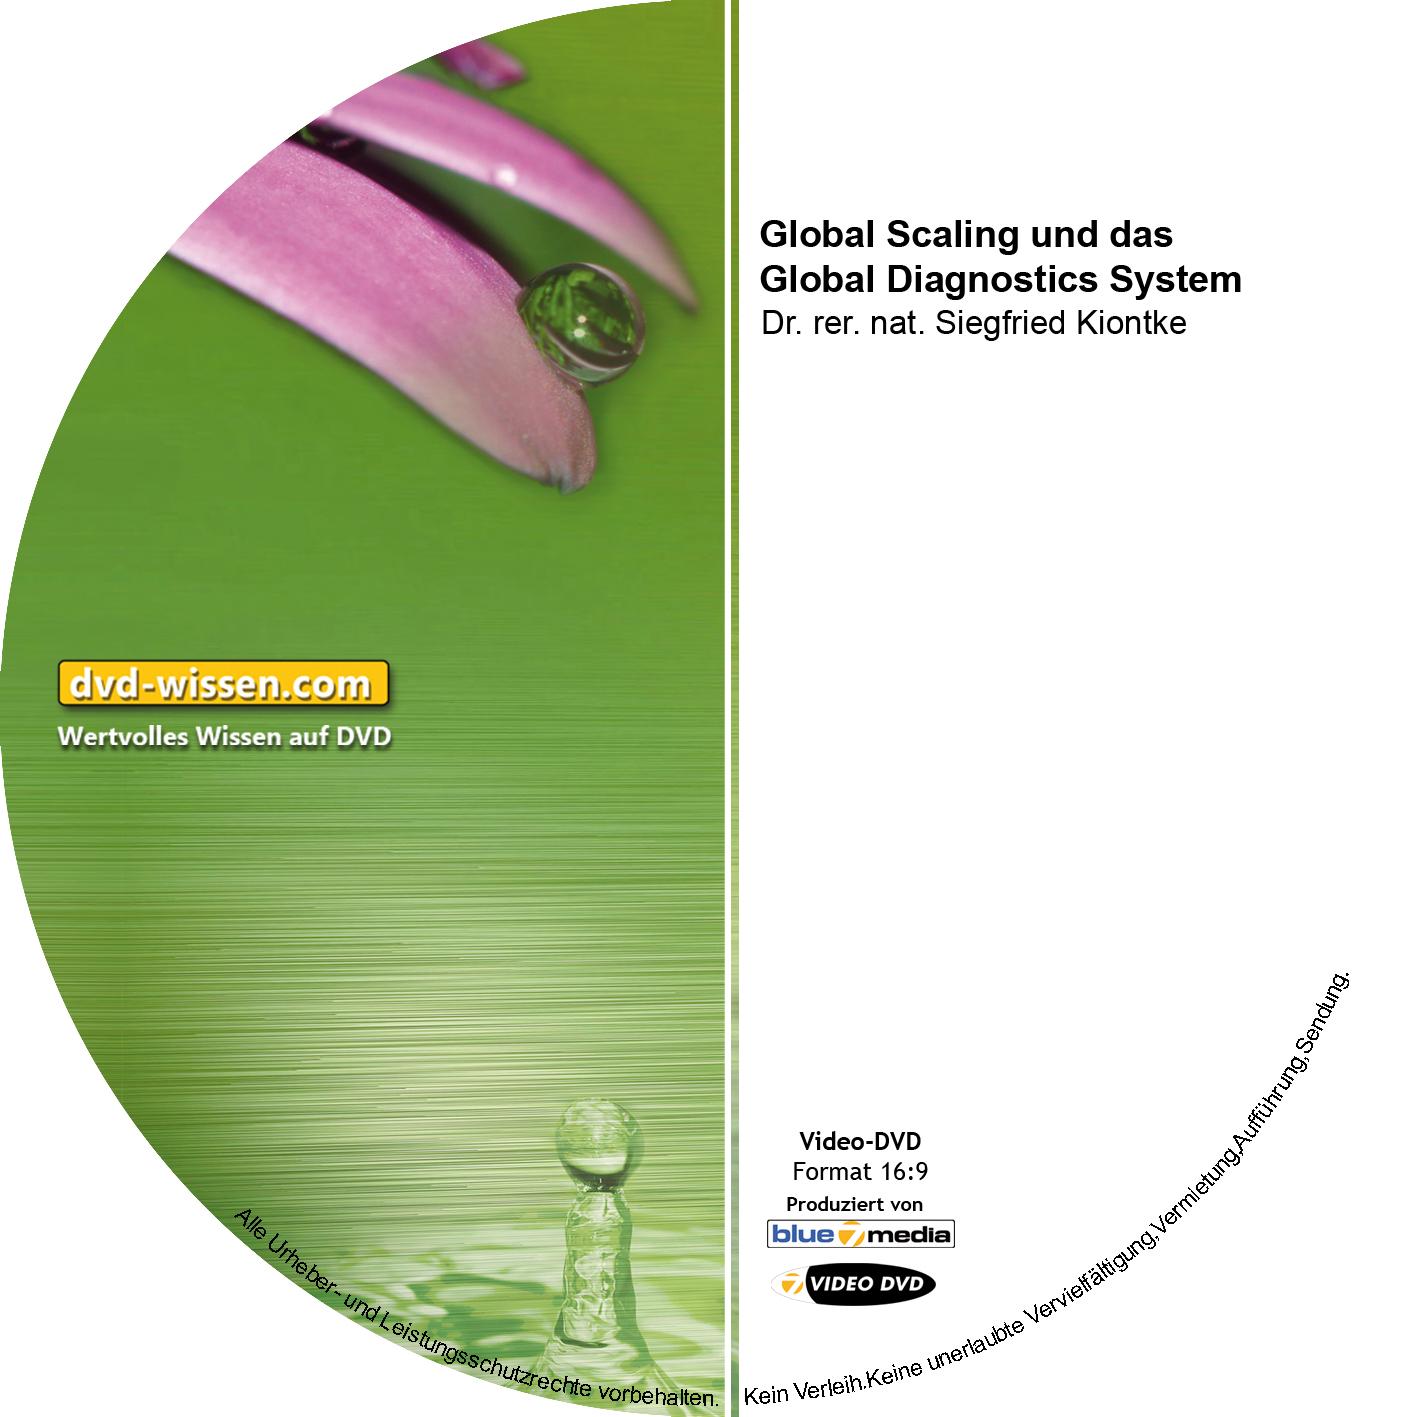 Dr. rer. nat. Siegfried Kiontke: Global Scaling und das Global Diagnostics System